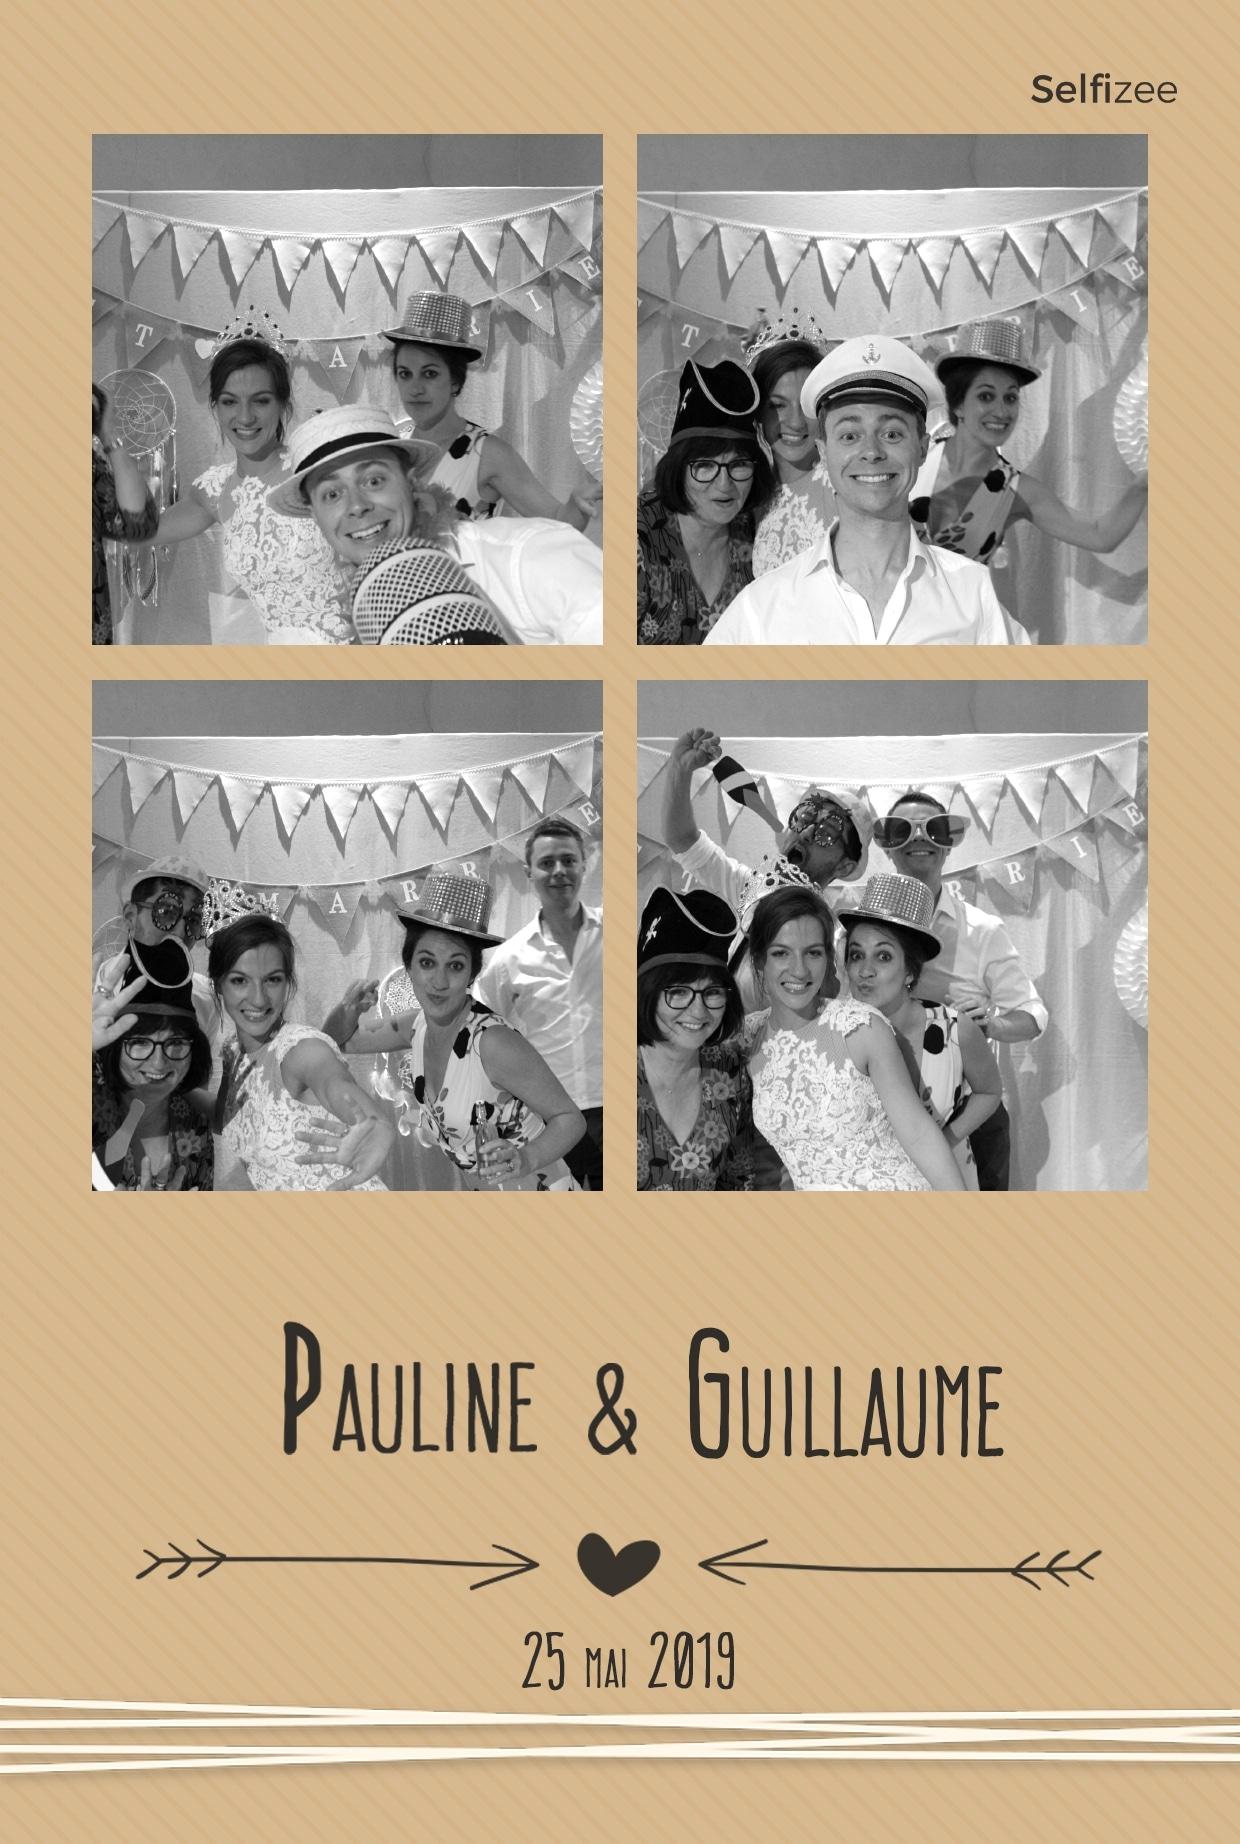 Animation selfie box mariage Toulon - location borne photo Toulon et Var pour selfies mariage et impressions photos